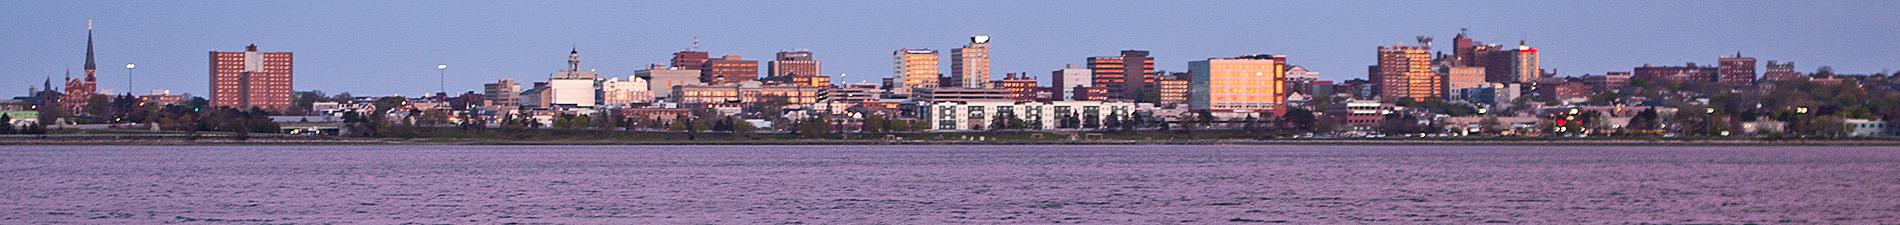 Skyline Portland, Maine